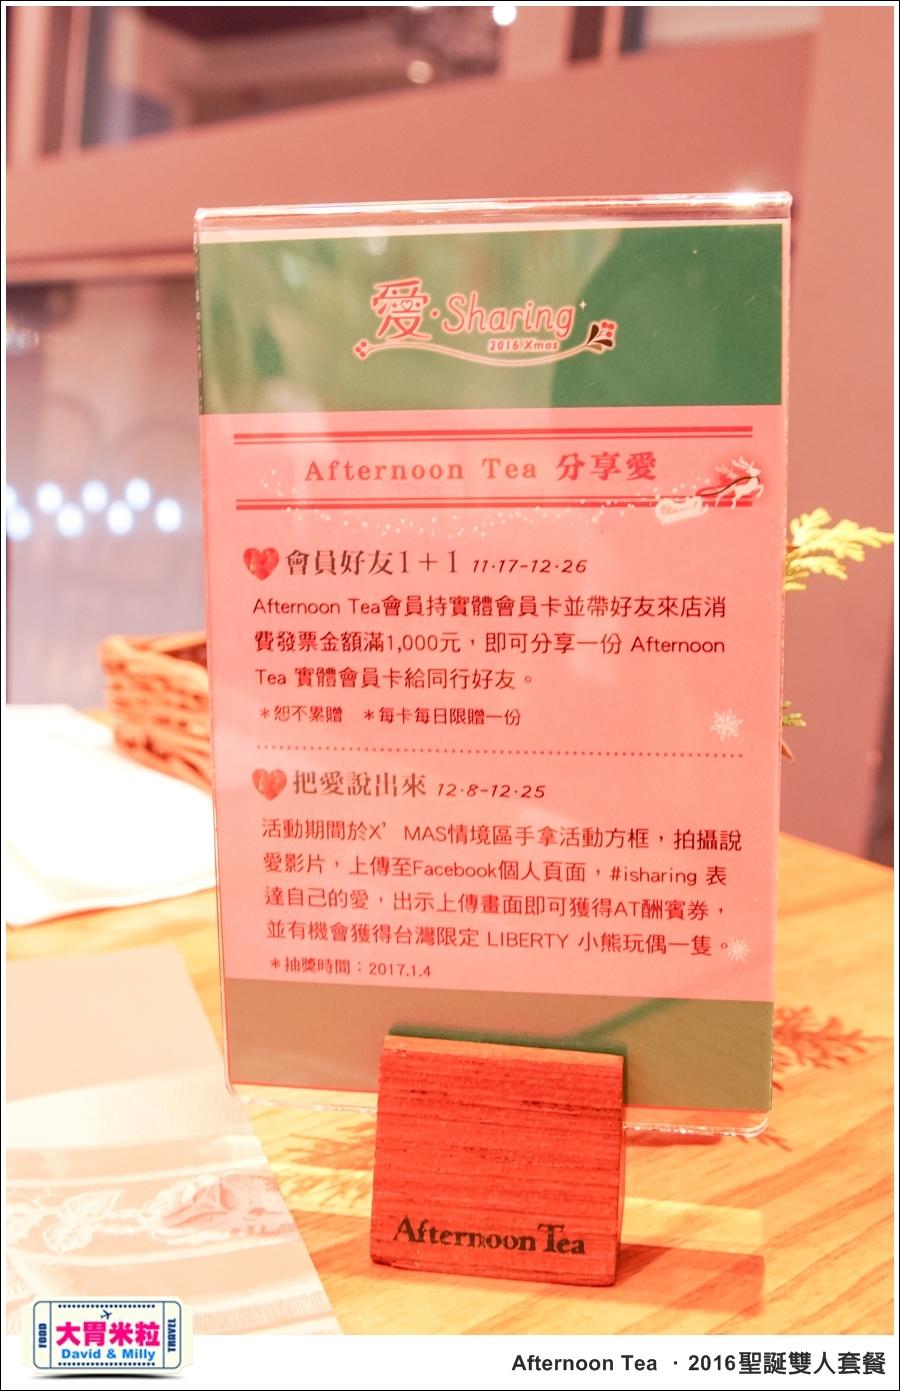 高雄午茶餐廳推薦@高雄夢時代 Afternoon Tea 2016聖誕雙人套餐 @大胃米粒0043.jpg